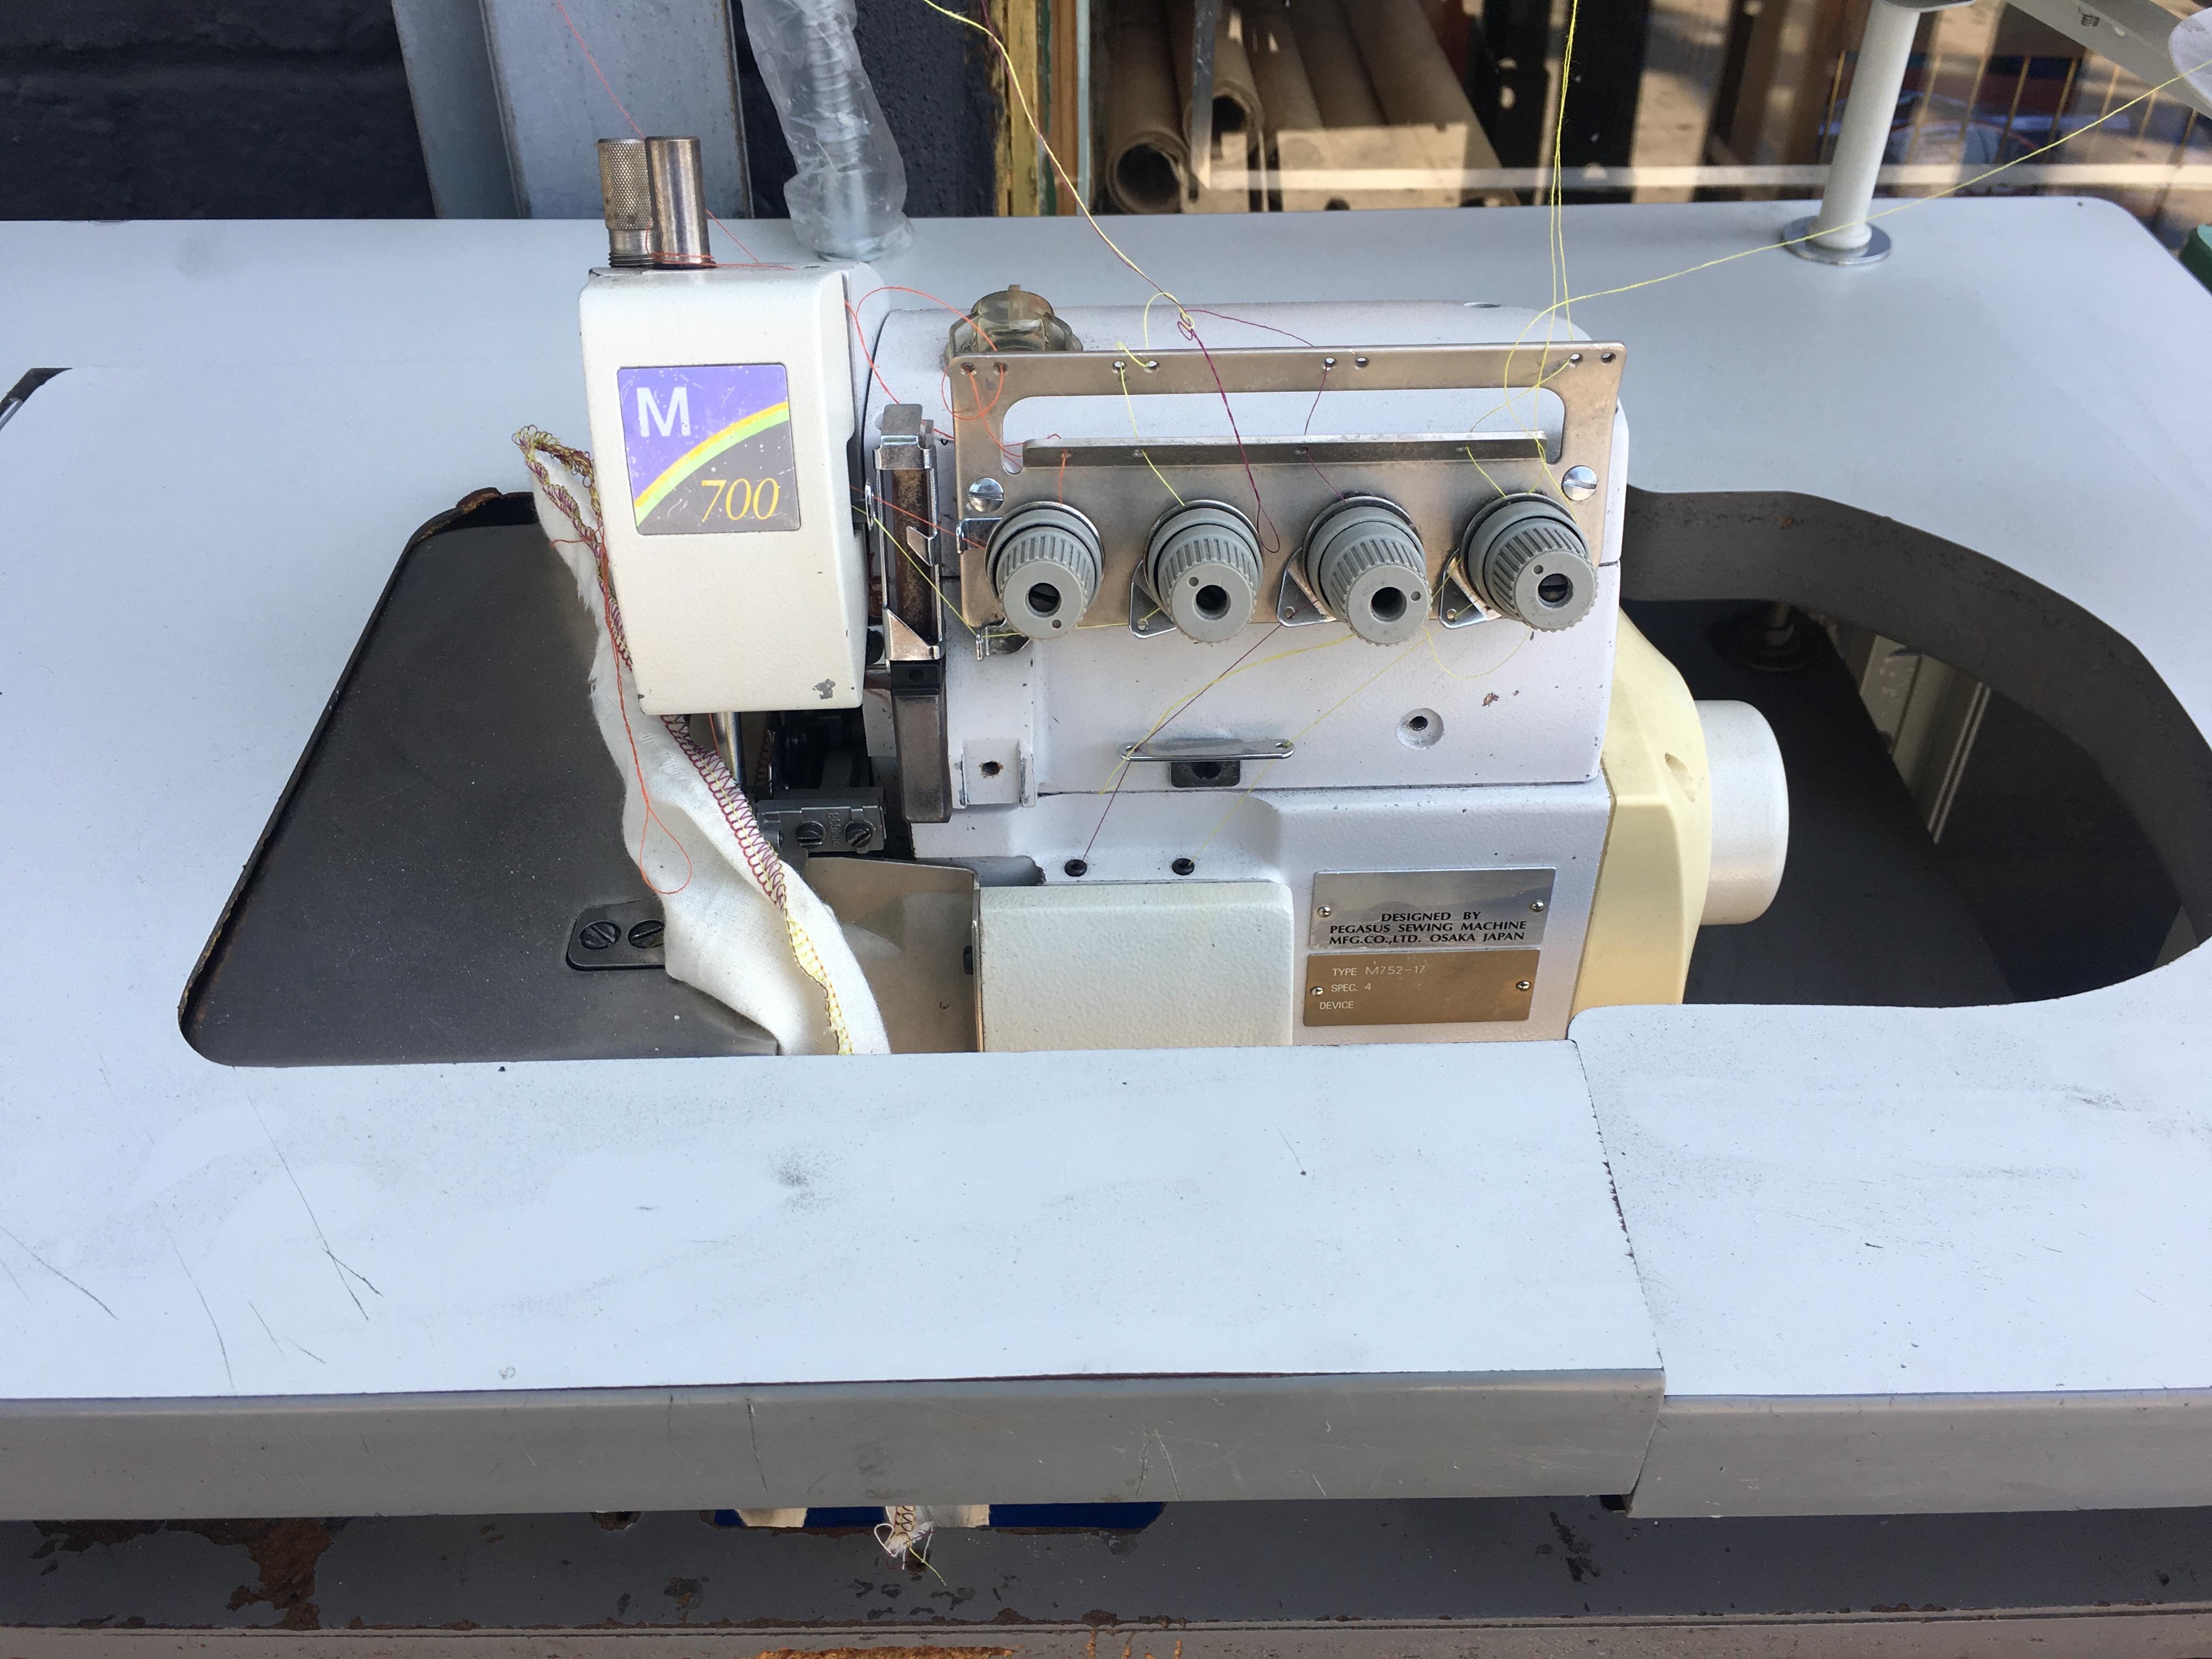 Pegasus M 700 M 752 17 Serger Overlock Sewing Machine